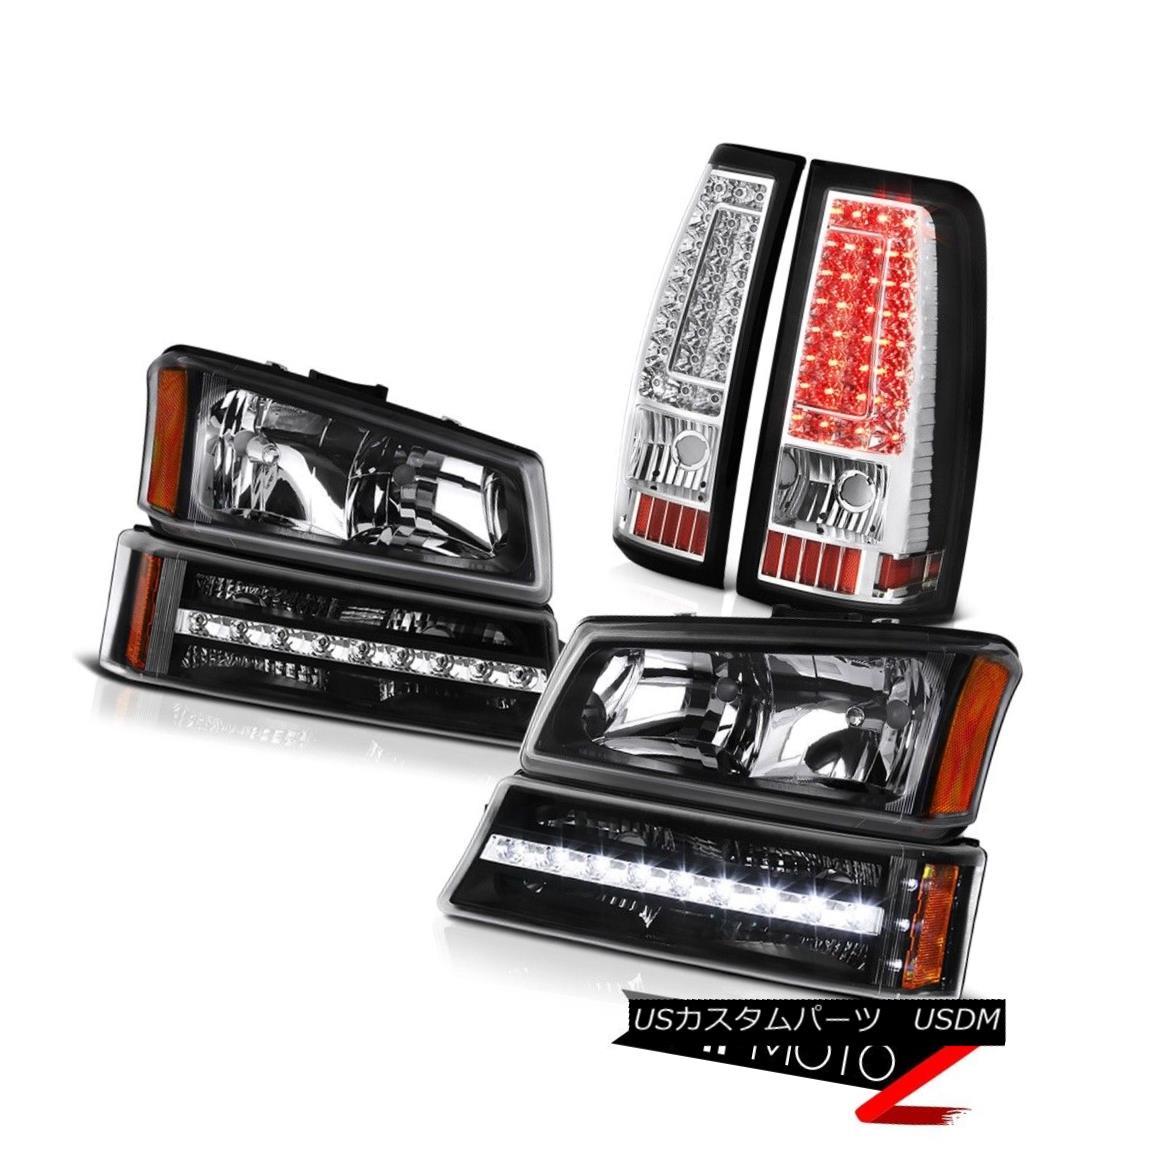 テールライト 2003-2006 Chevy Silverado 2500Hd Chrome Rear Brake Lamps Turn Signal Headlights 2003-2006シボレーシルバラード2500Hdクロームリアブレーキランプ信号ヘッドライト